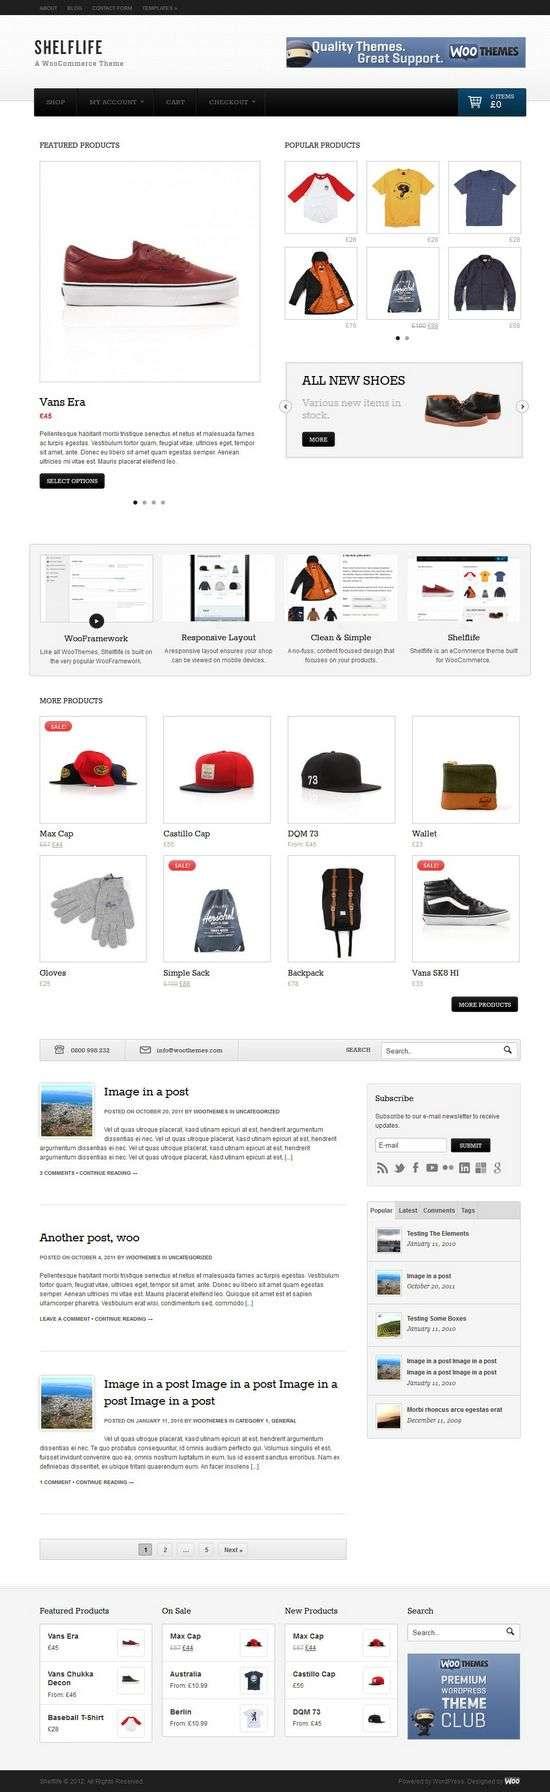 shelflife woothemes avjthemescom 01 - Shelflife WordPress Theme